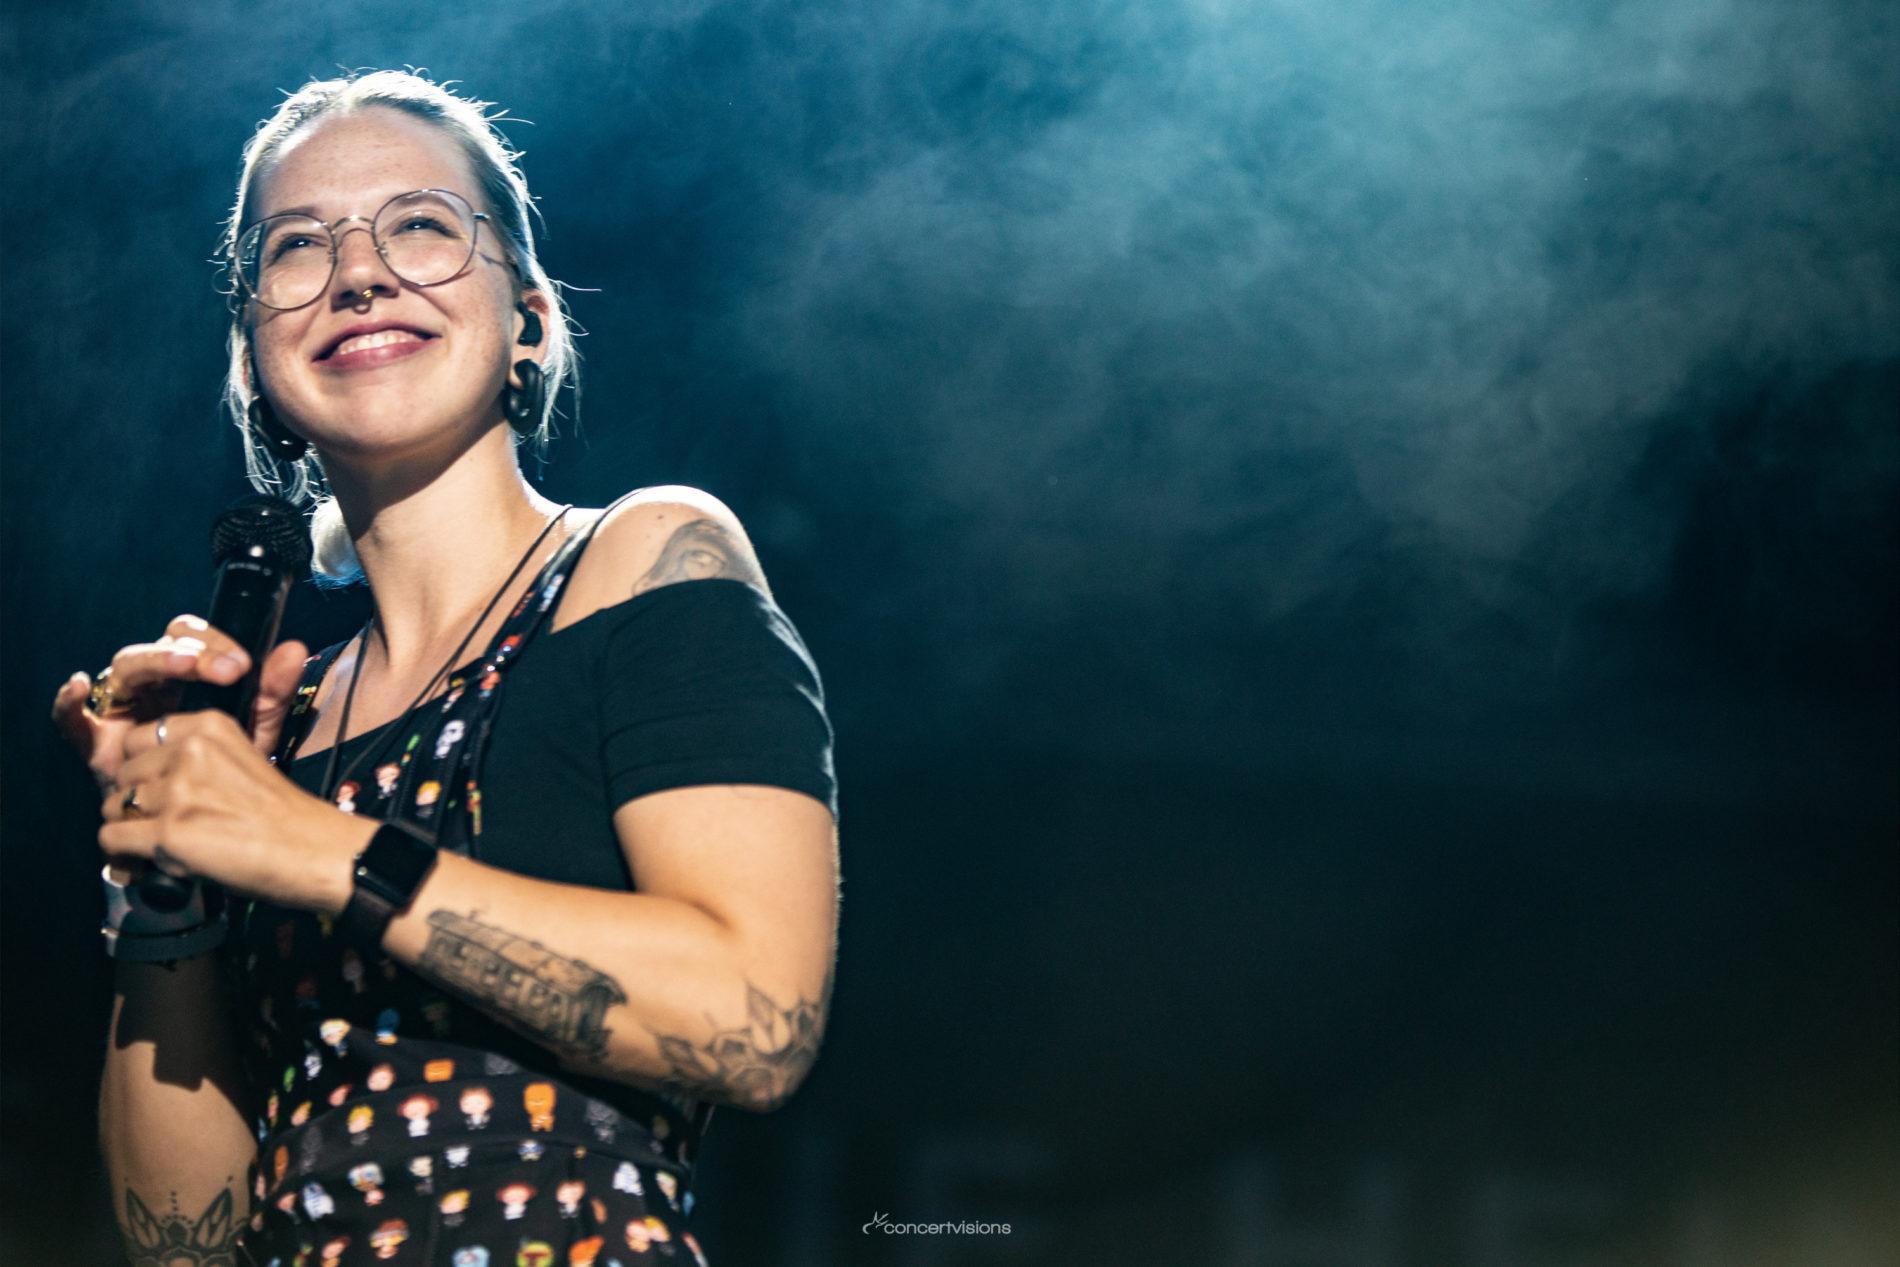 Stadtfest Ludwigshafen 2019 mit Stefanie Heinzmann